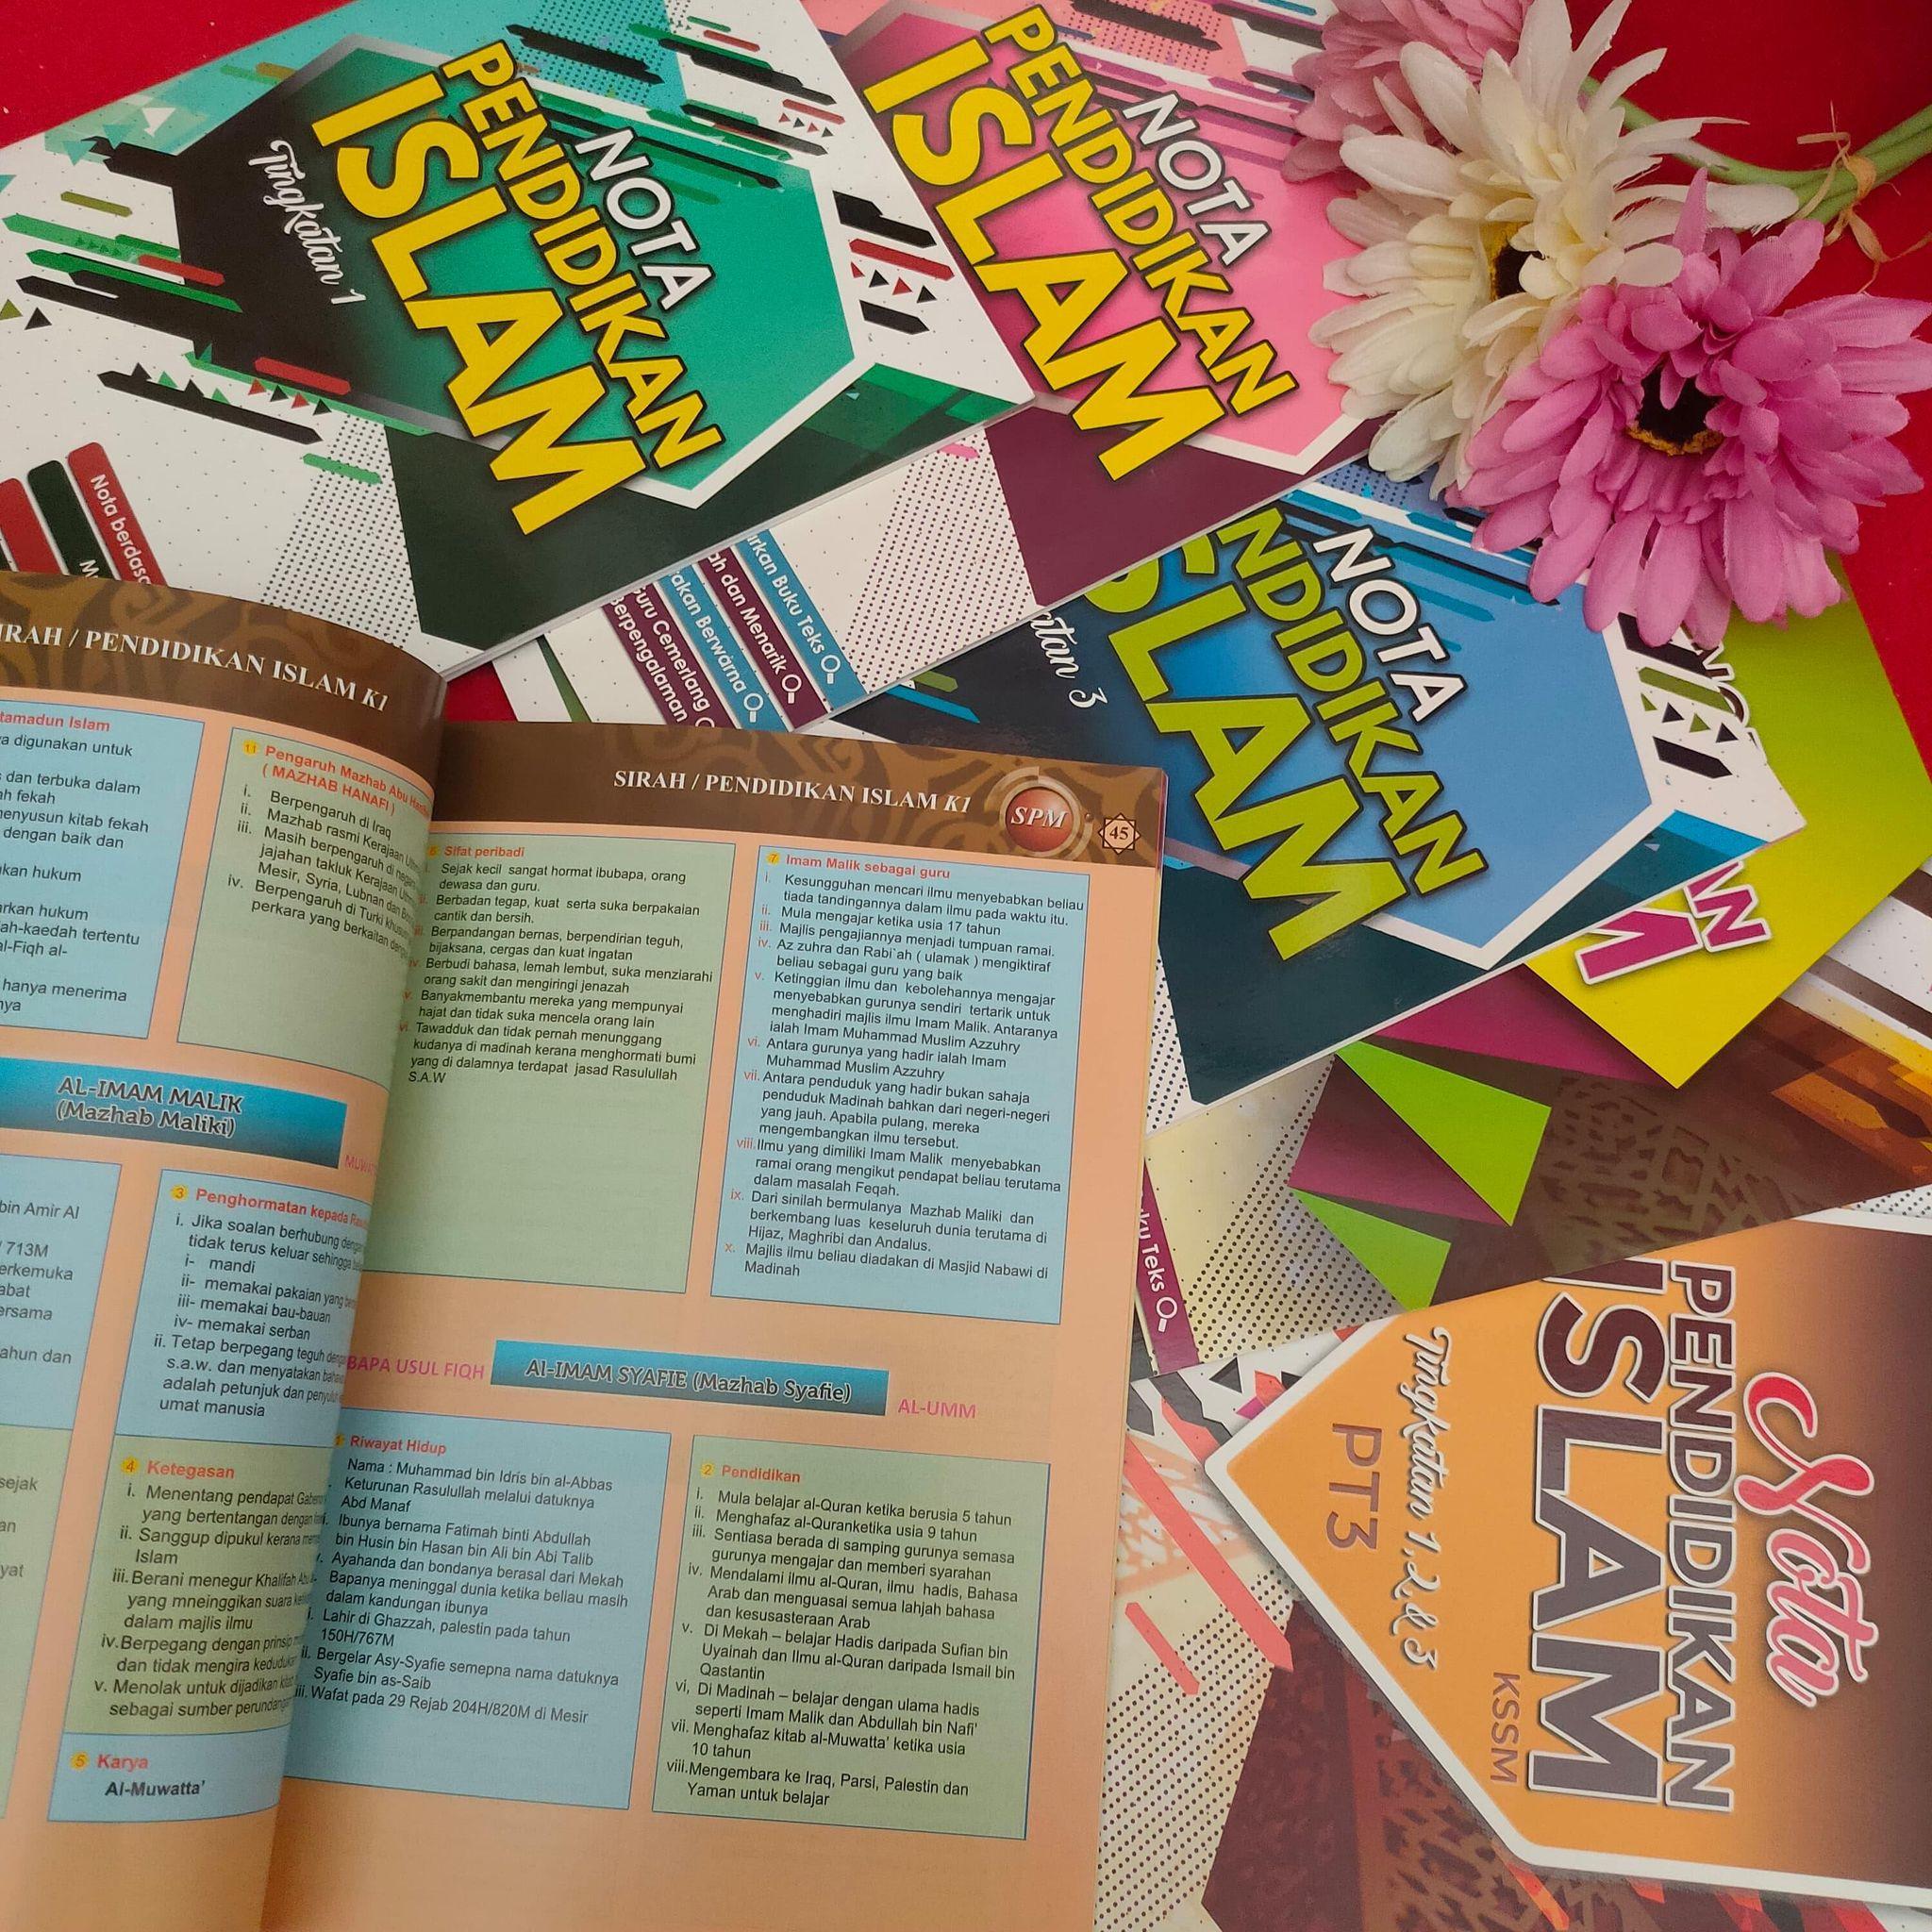 Daftar pustaka hanya berbagai sumber rujukan yang dikutip dalam dokumen. Buku Rujukan Pendidikan Islam Yang Padat Dan Warna Warni Buat Anak Sekolah Menengah Enchanted Life Begins